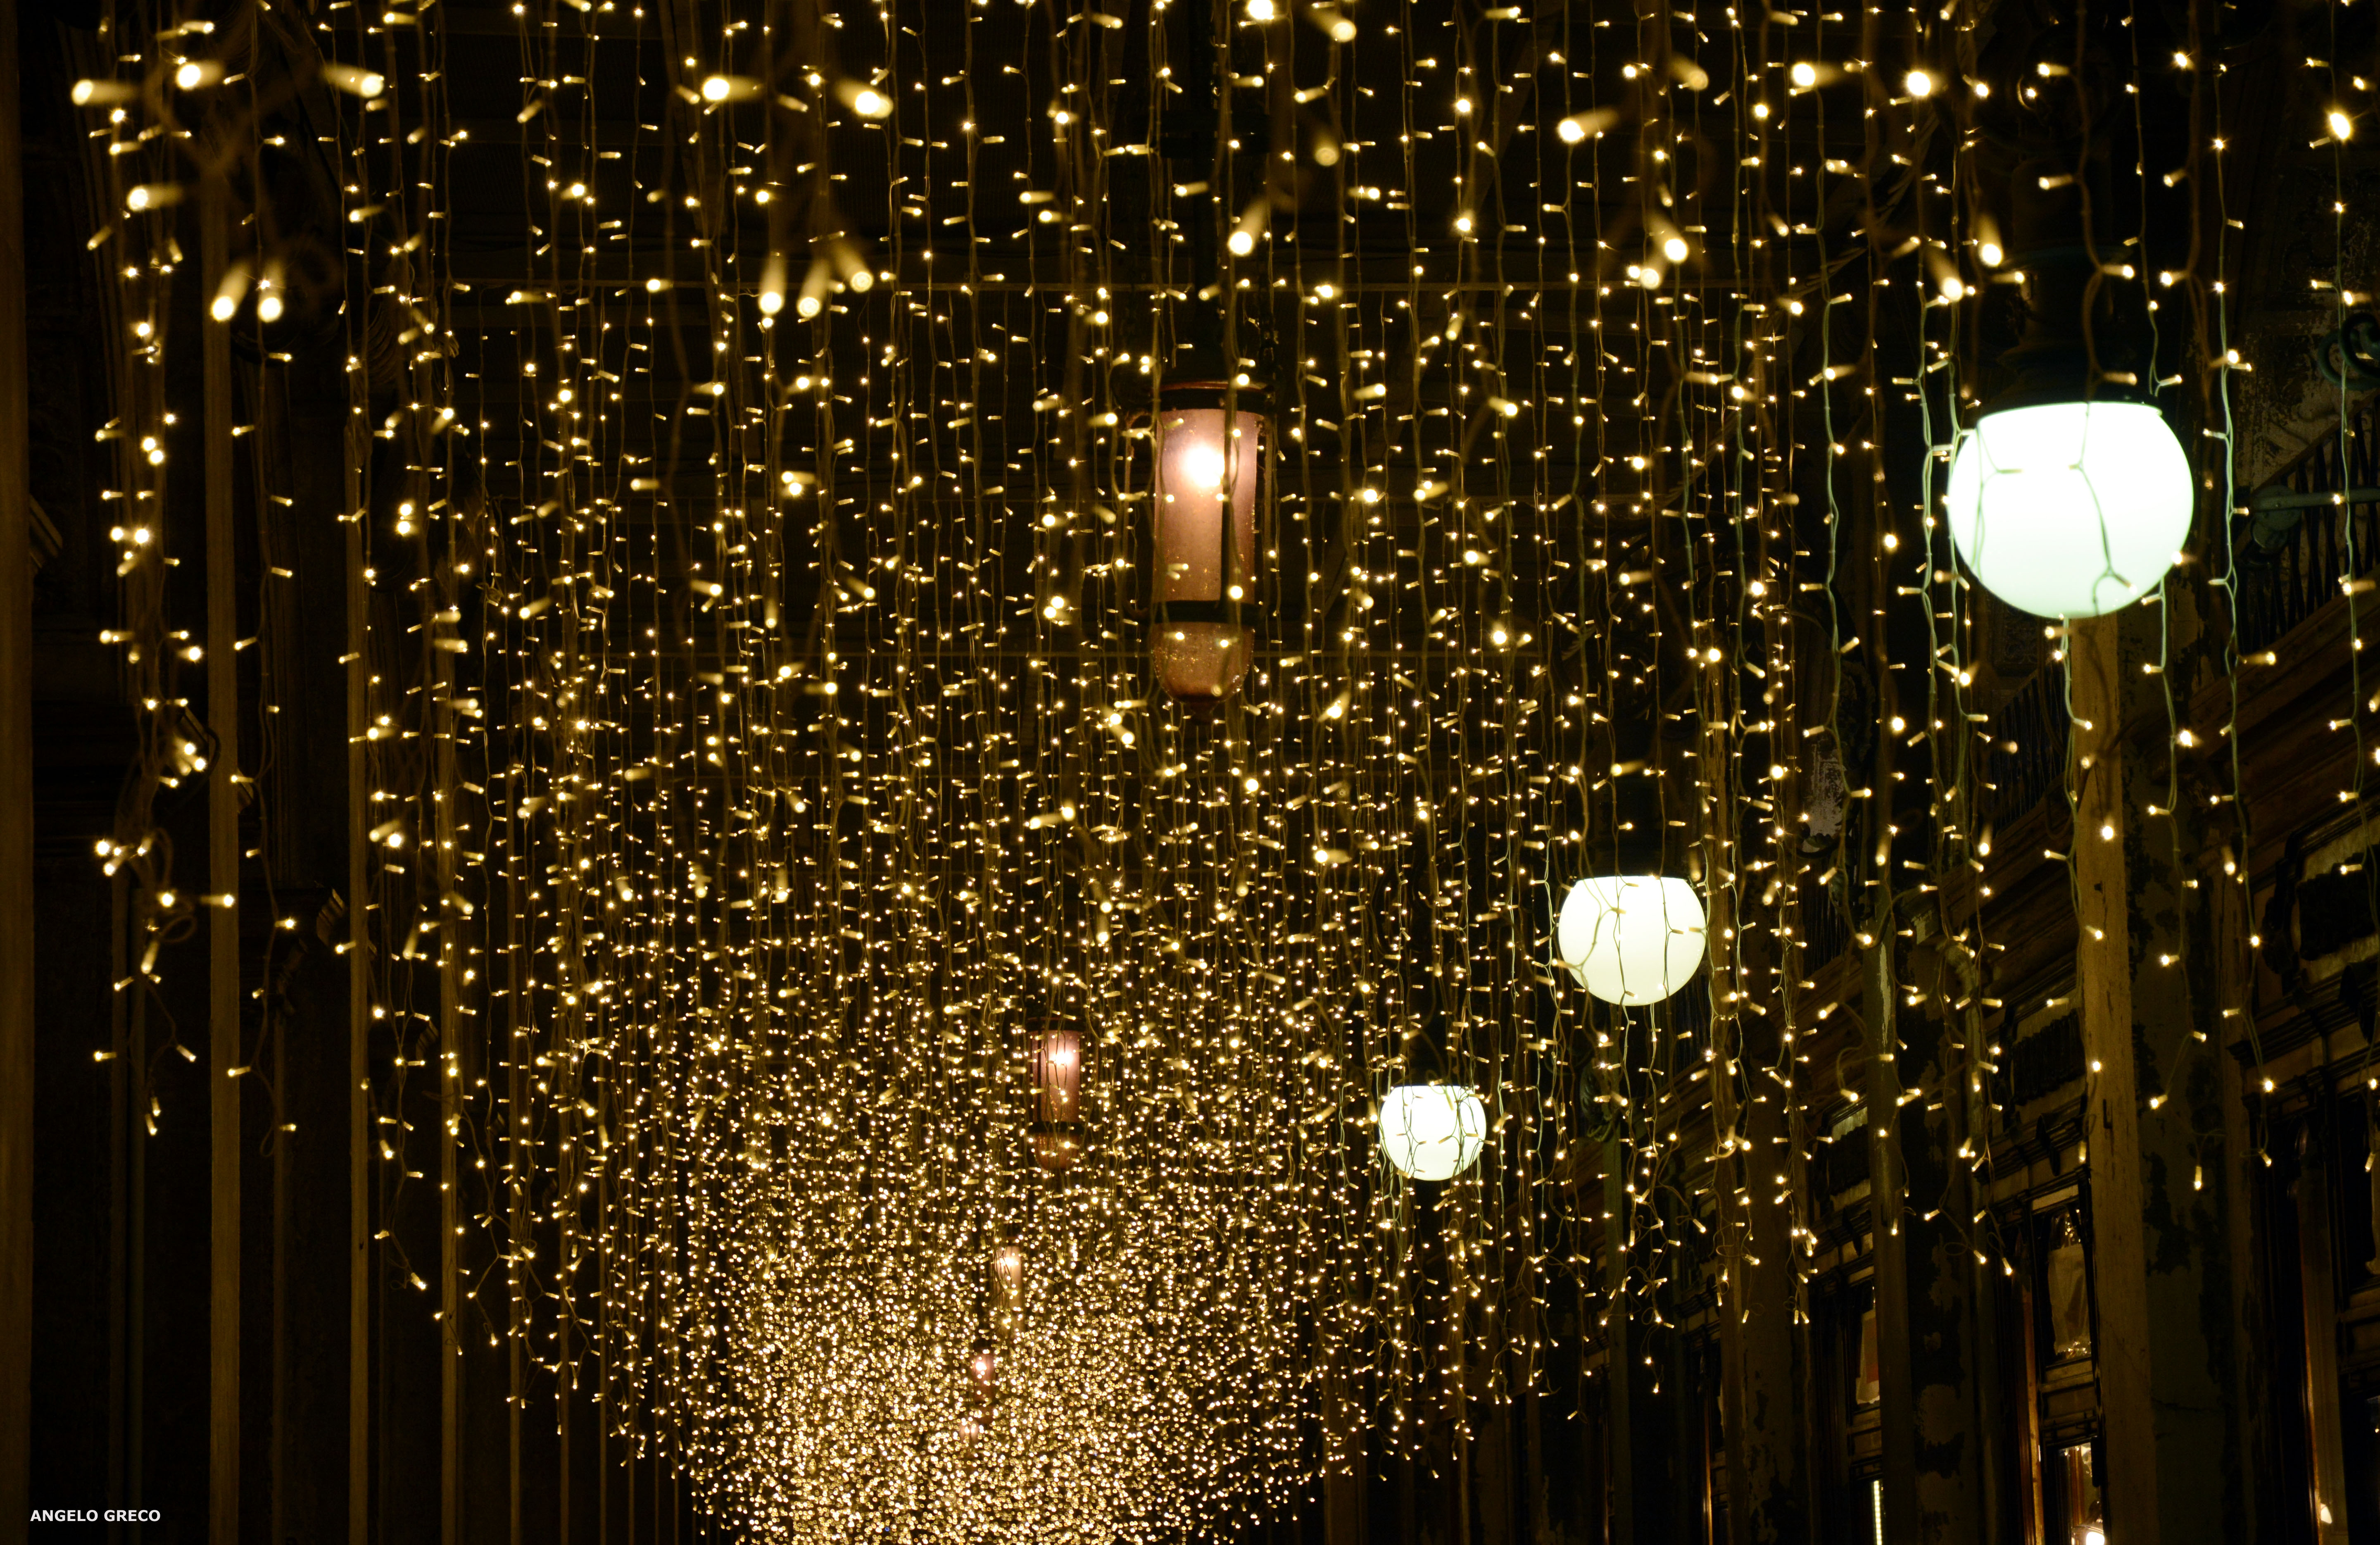 luci di natale più belle del mondo